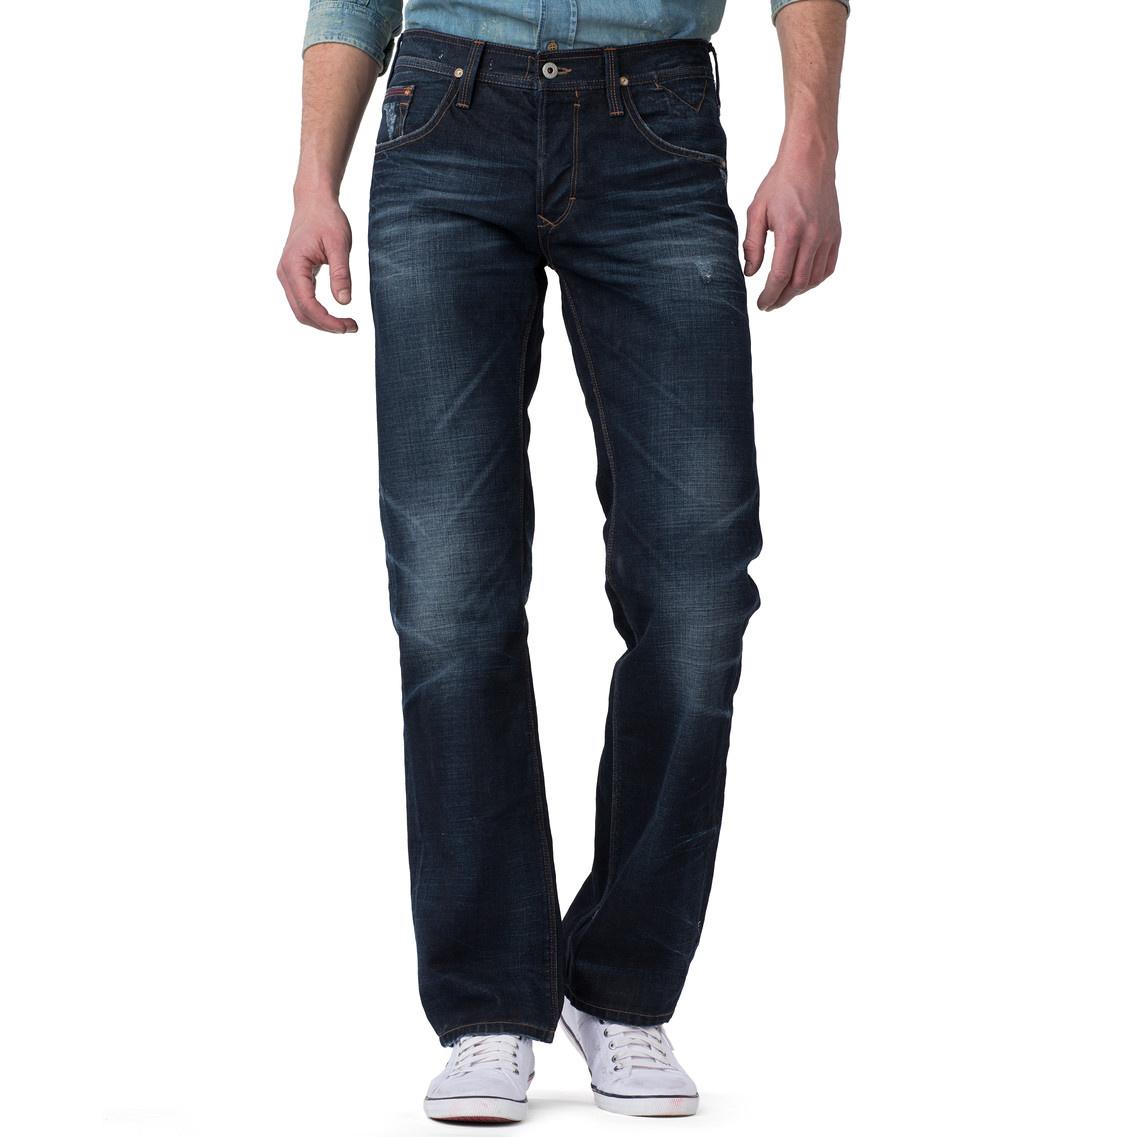 tommy hilfiger wilson straight leg jeans in blue for men. Black Bedroom Furniture Sets. Home Design Ideas